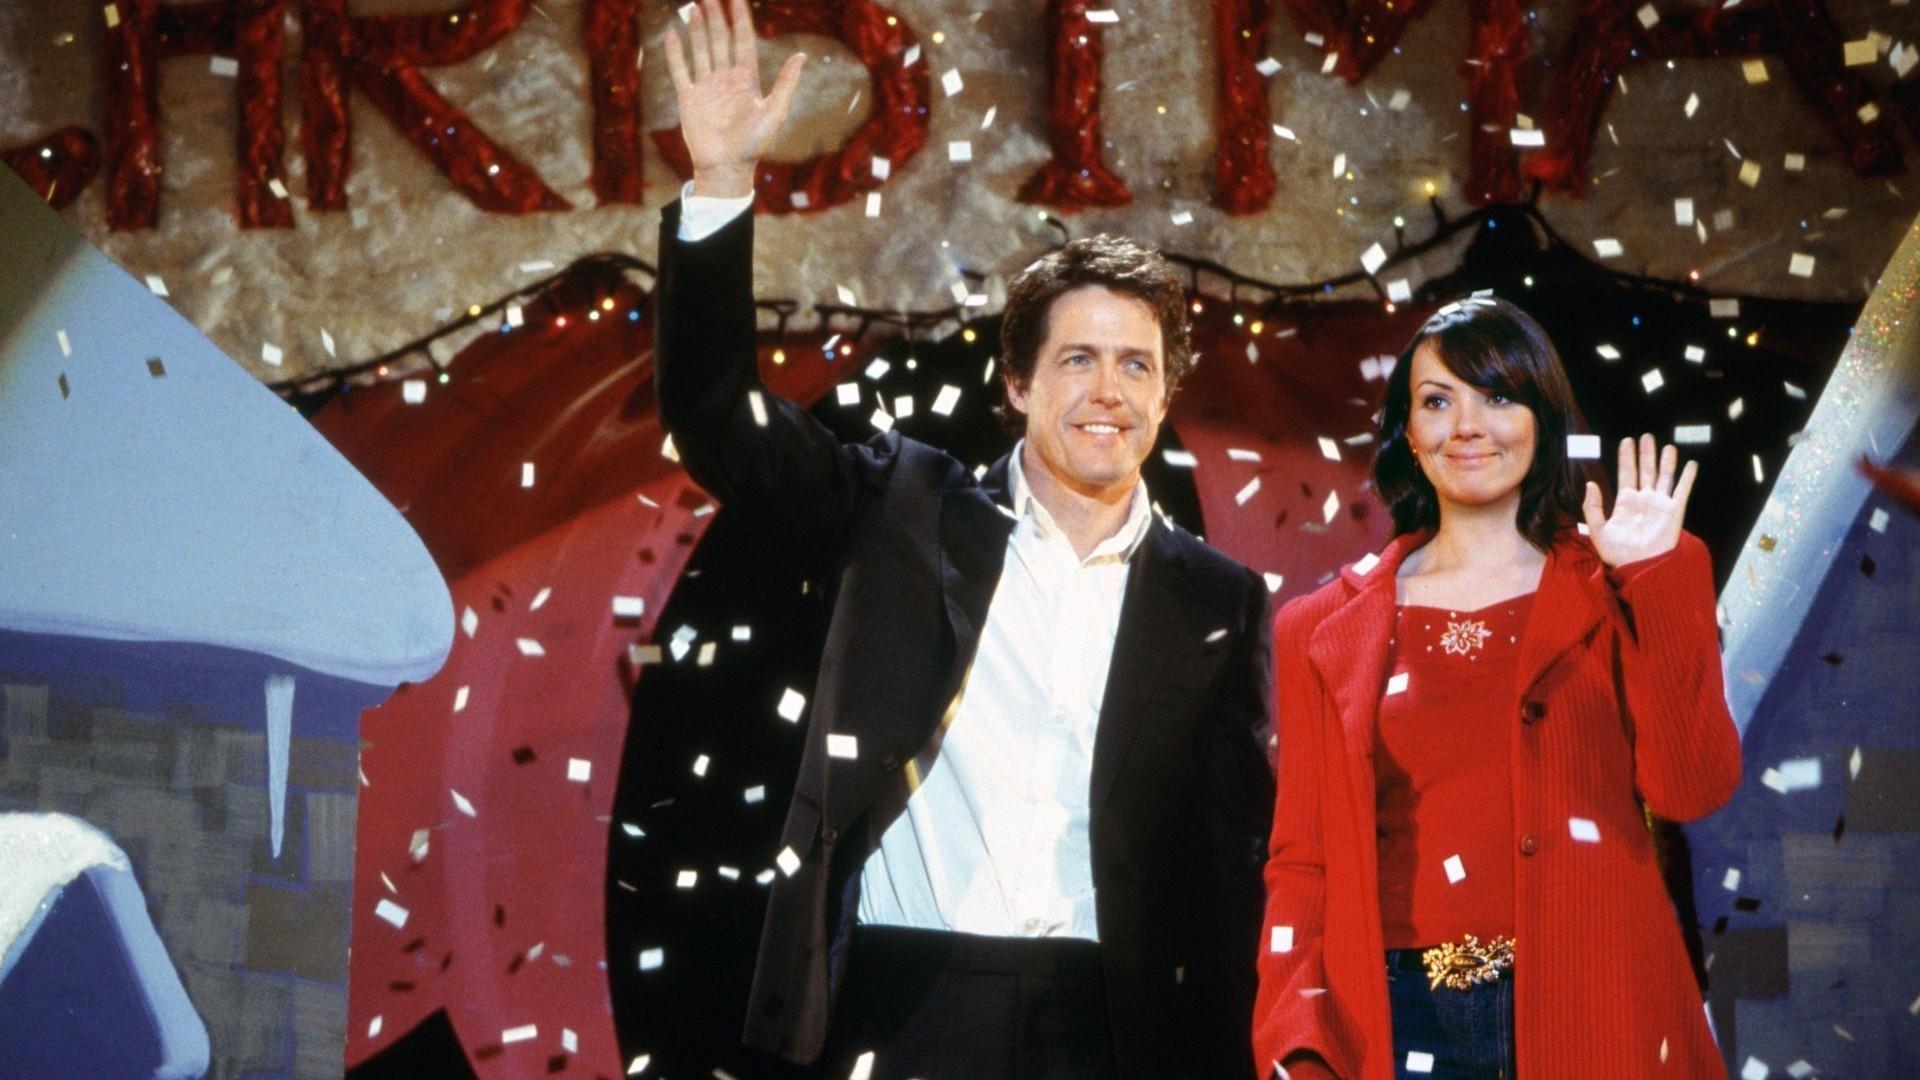 Hugh Grant and Martine McCutcheon in Love Actually